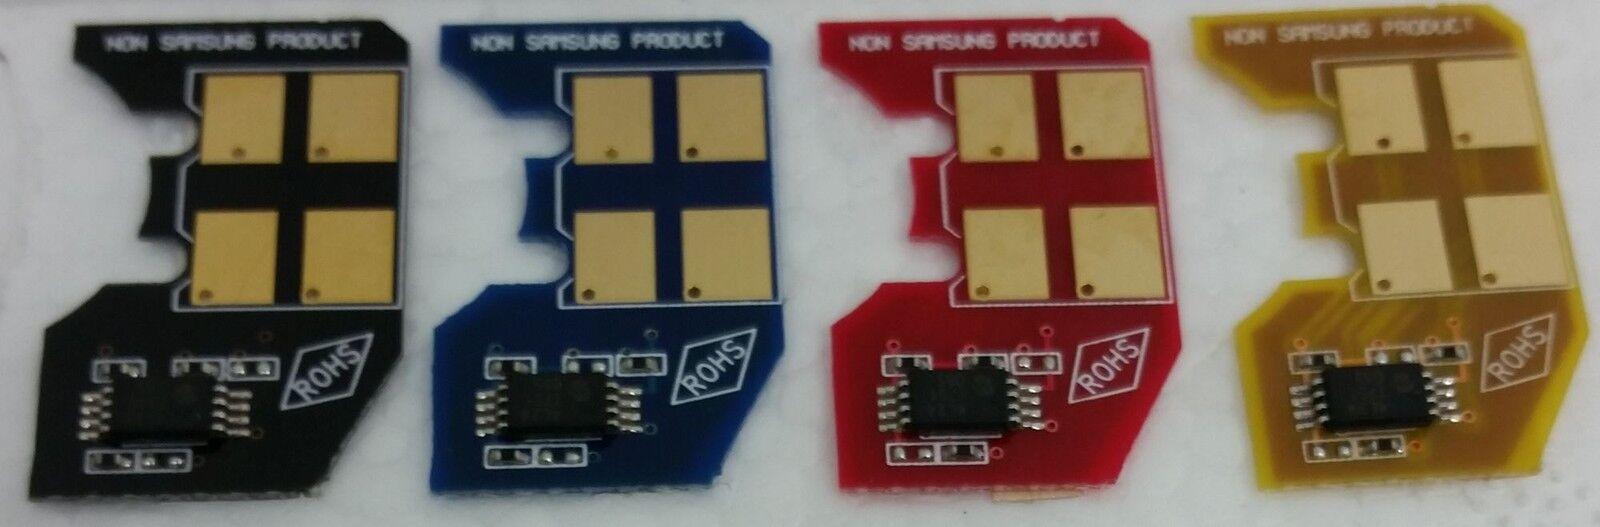 Bildeinheit//Reset komp zu CLT-R407 für SAMSUNG CLP-325N